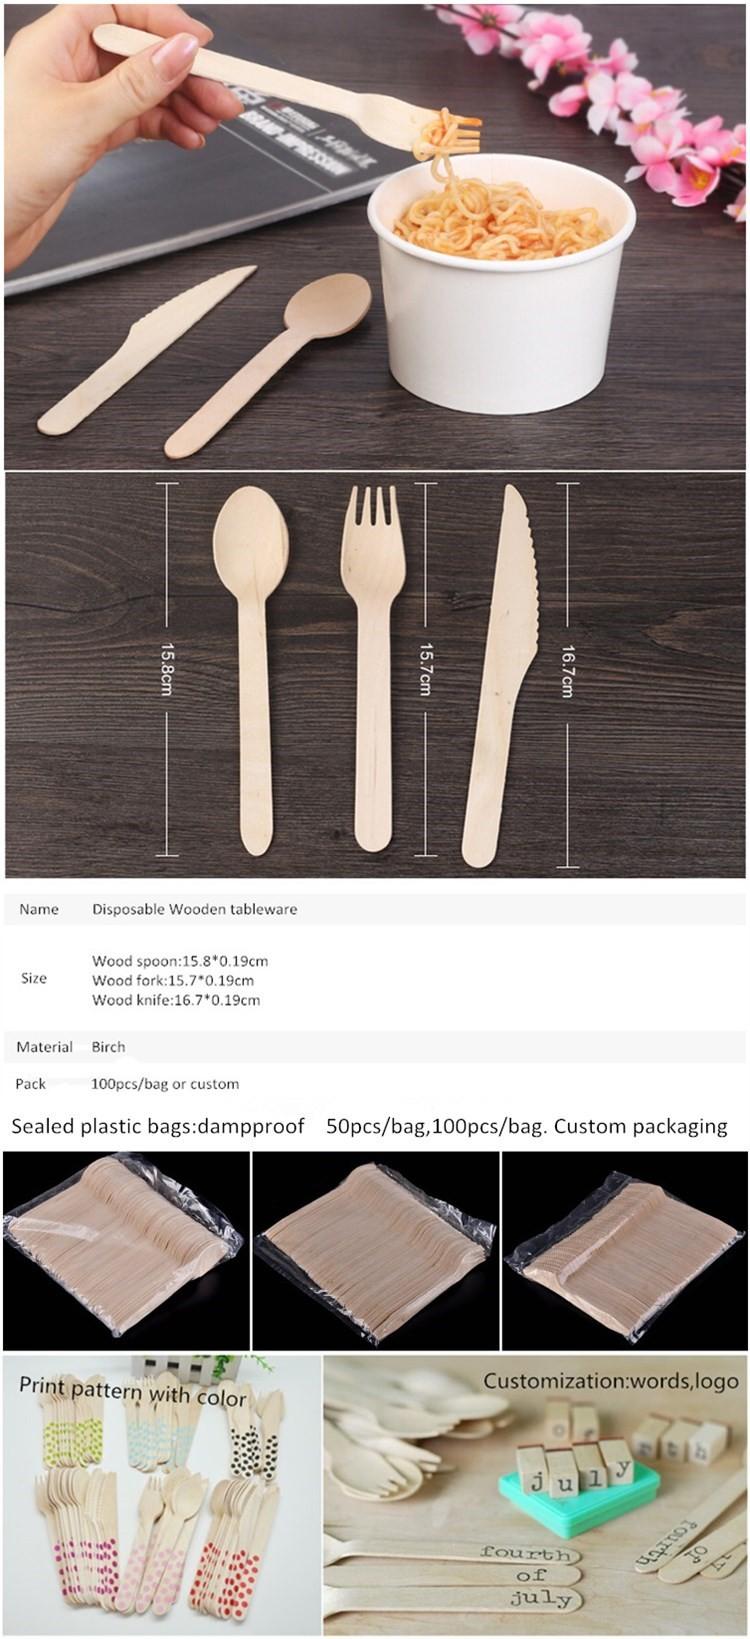 2017 Homegarden Tableware Wooden Spoons Knifes Forks Buy Home Sendok Kayu Garpu Cutlery Spoon Fork 022